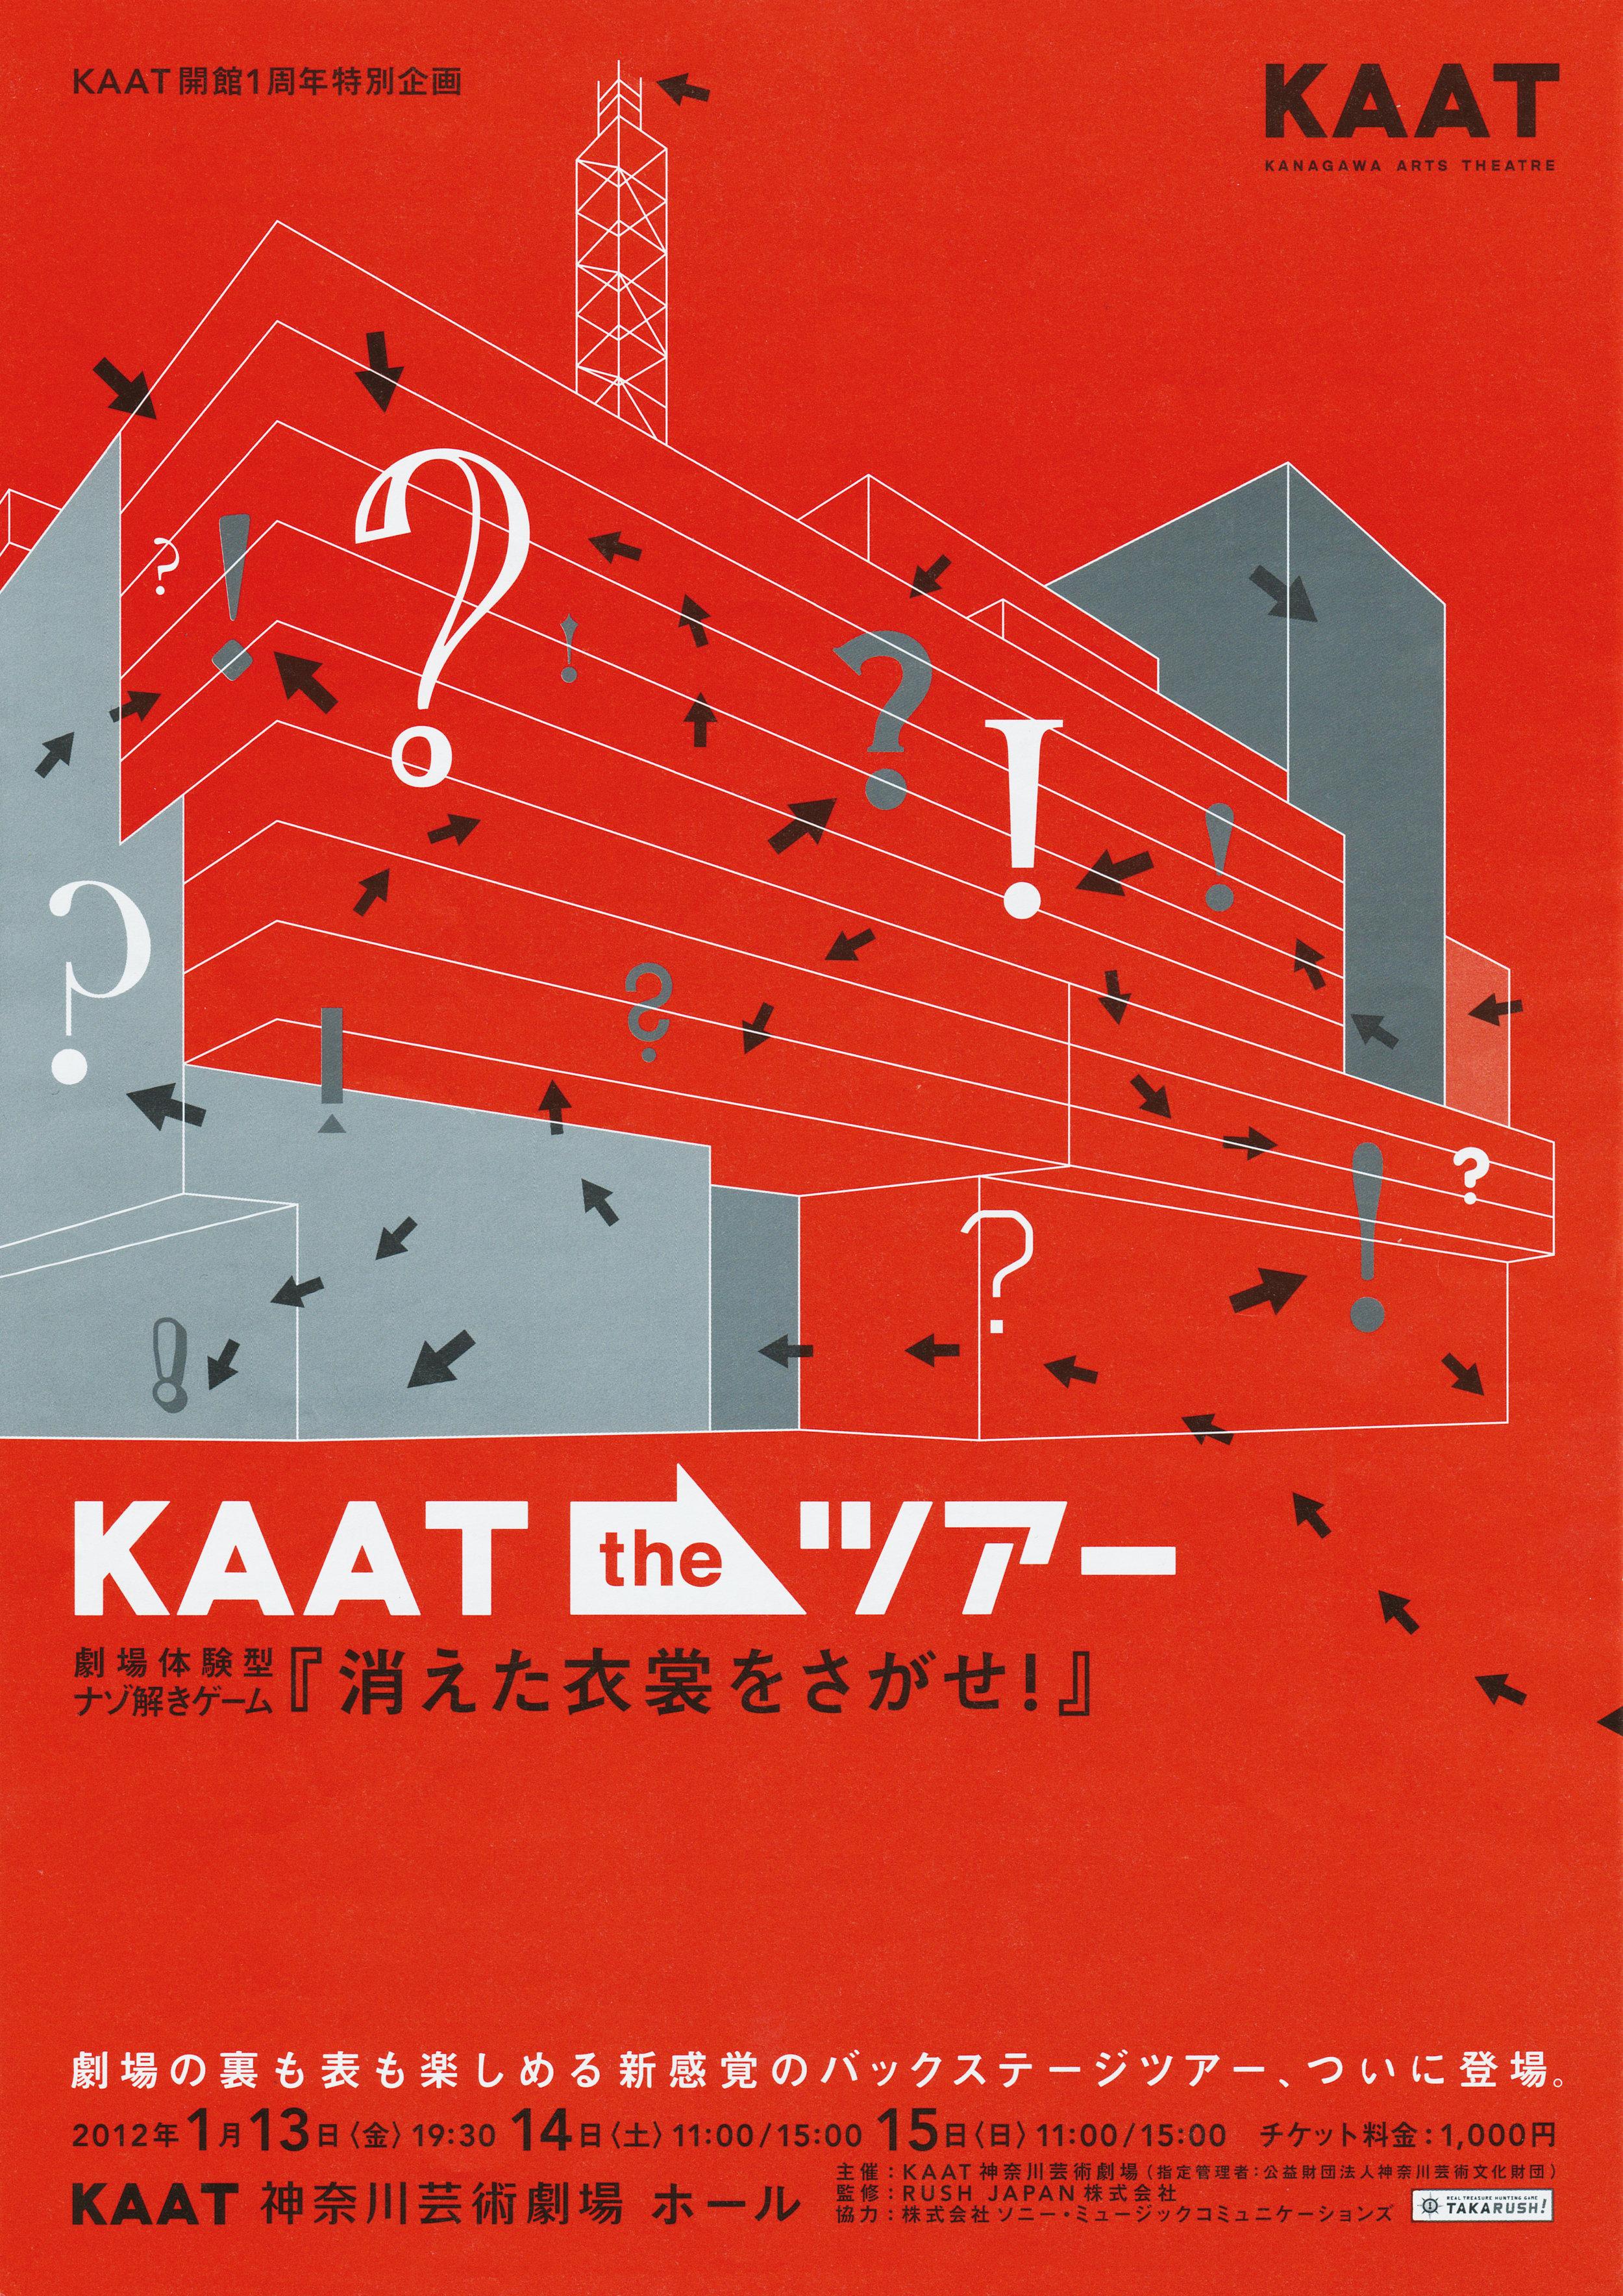 KAAT_01.jpg